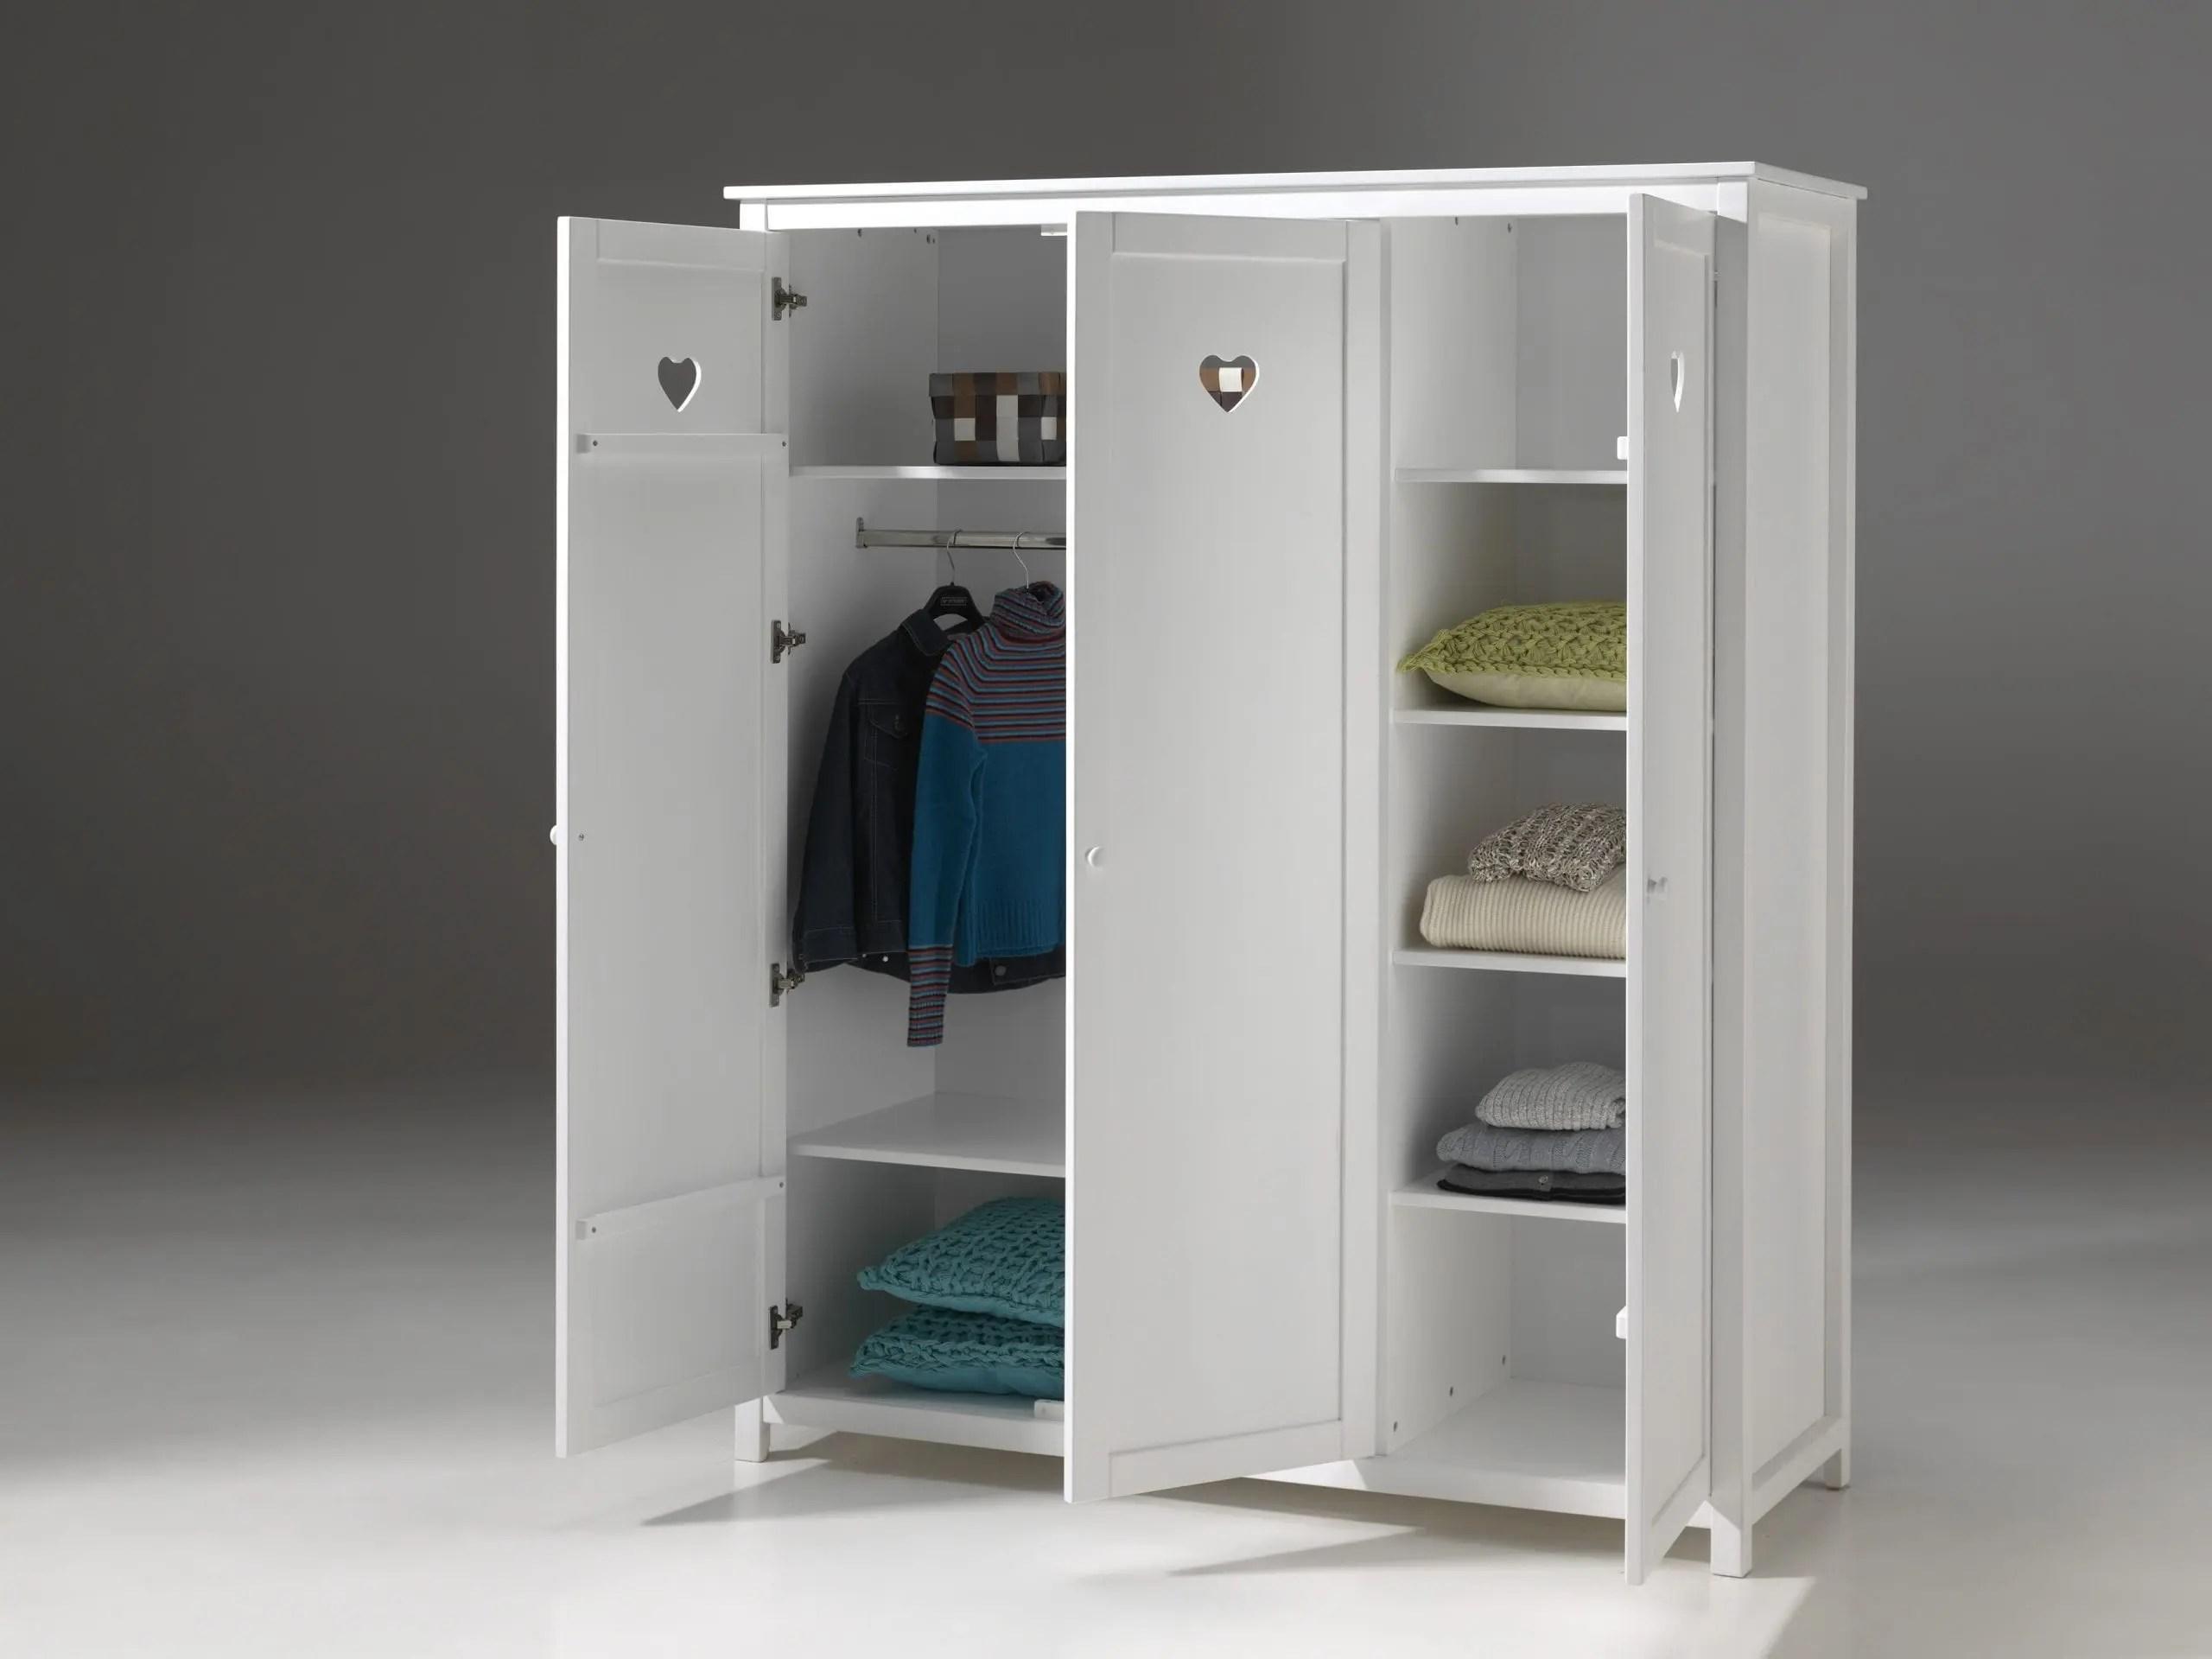 armoire lovely pour chambre fille 3 portes blanc laque